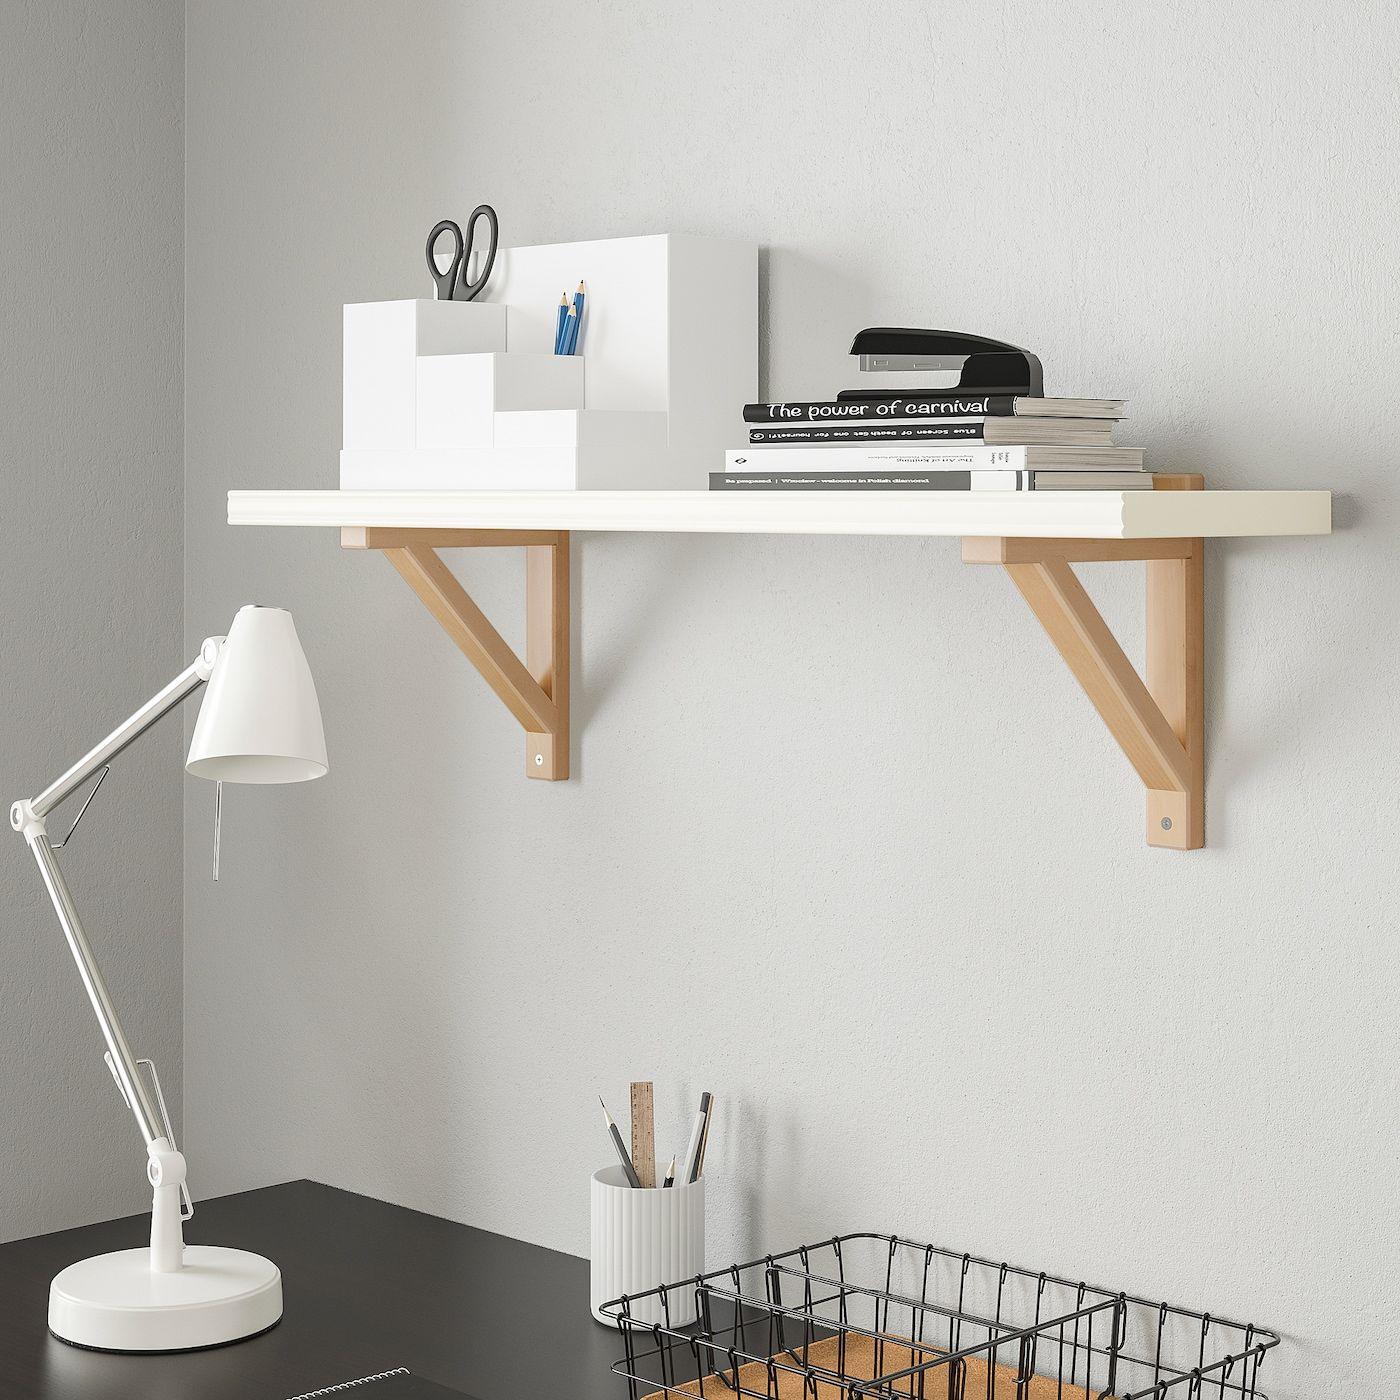 Ikea Bergshult Ekby Valter Wall Shelf White Birch Wall Shelves White Wall Shelves Shelves